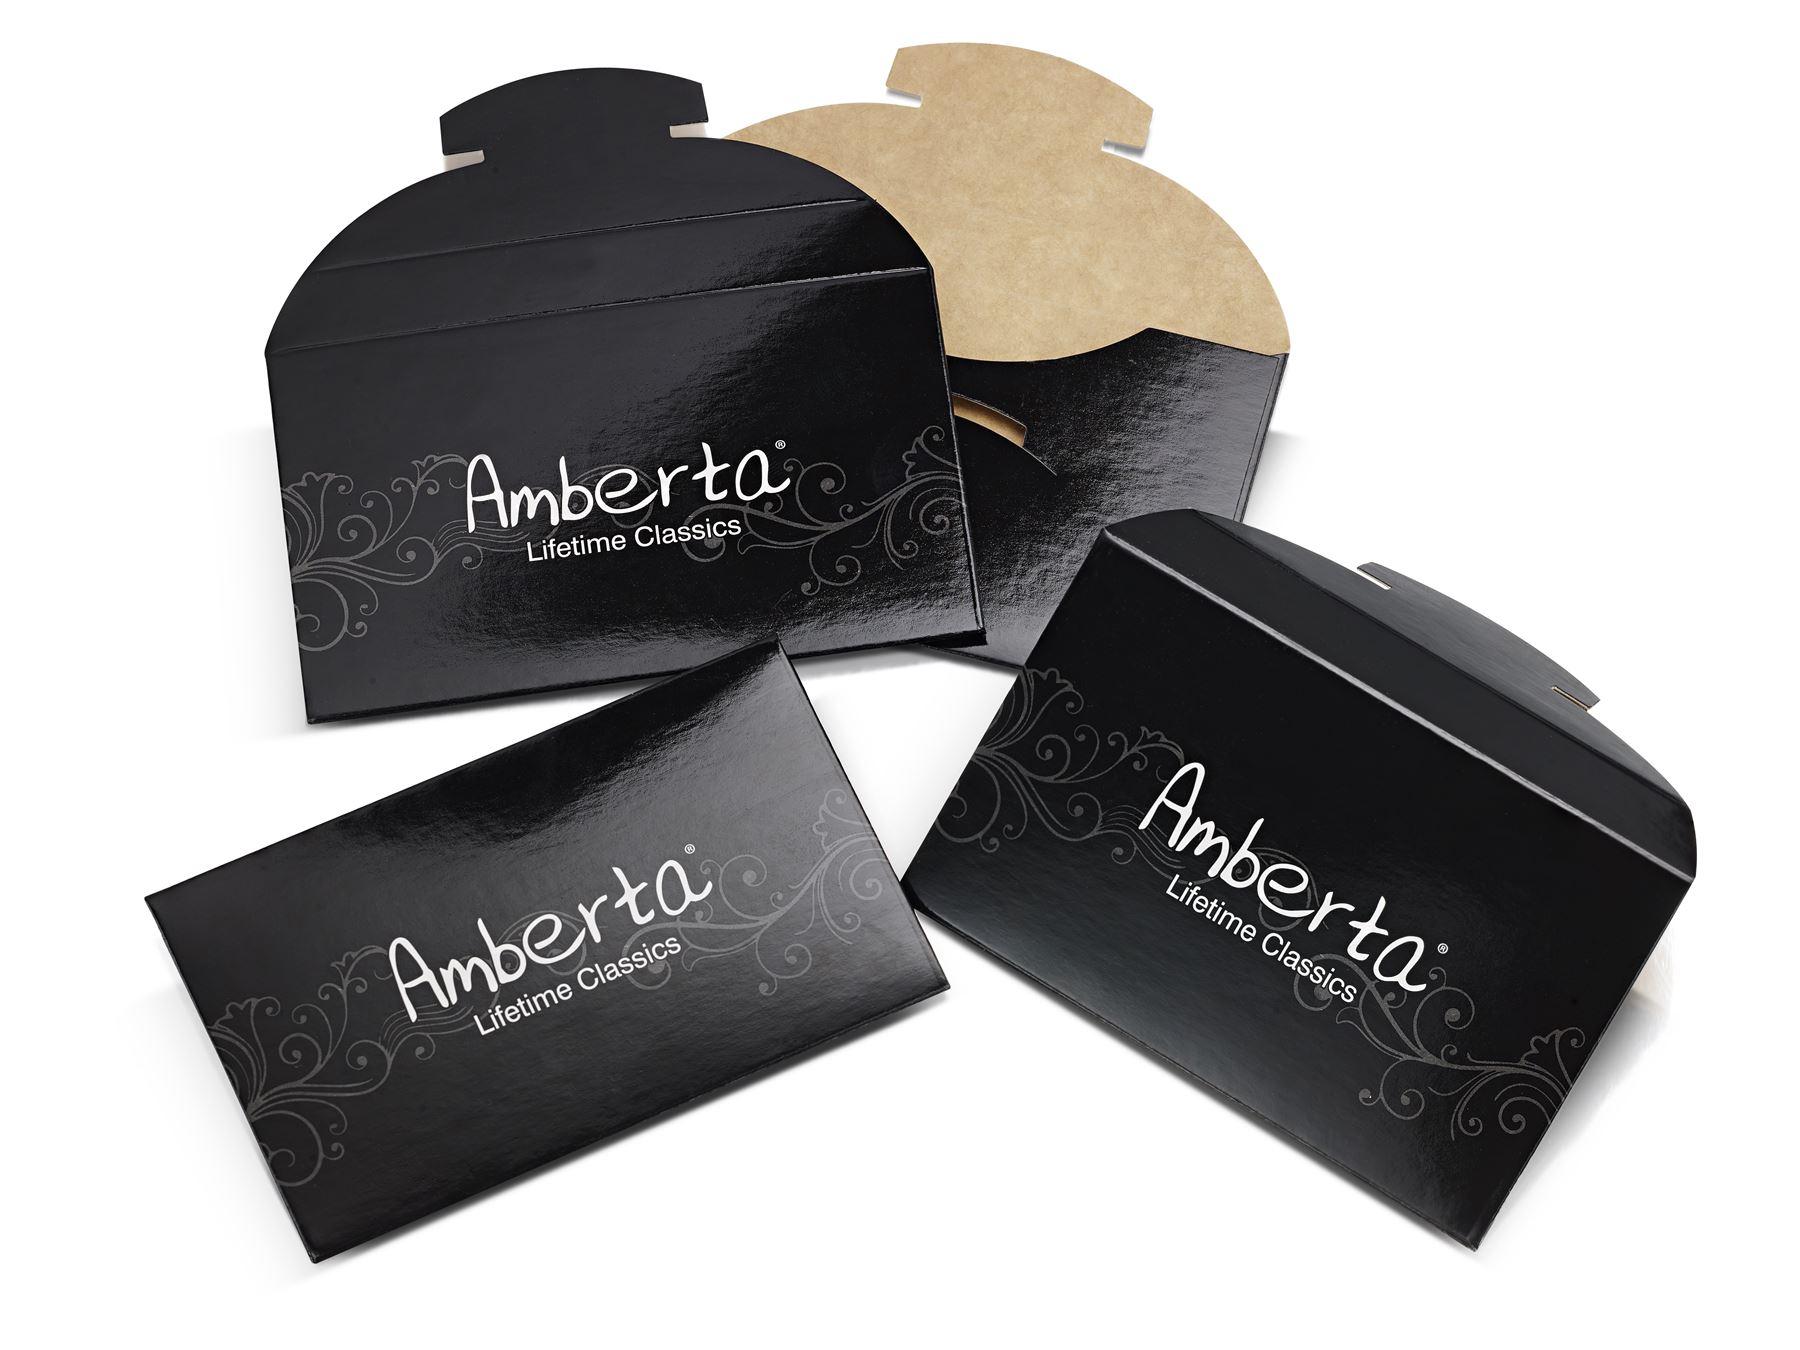 Amberta-Bijoux-Bracelet-en-Vrai-Argent-Sterling-925-Chaine-pour-Femme-a-la-Mode thumbnail 51